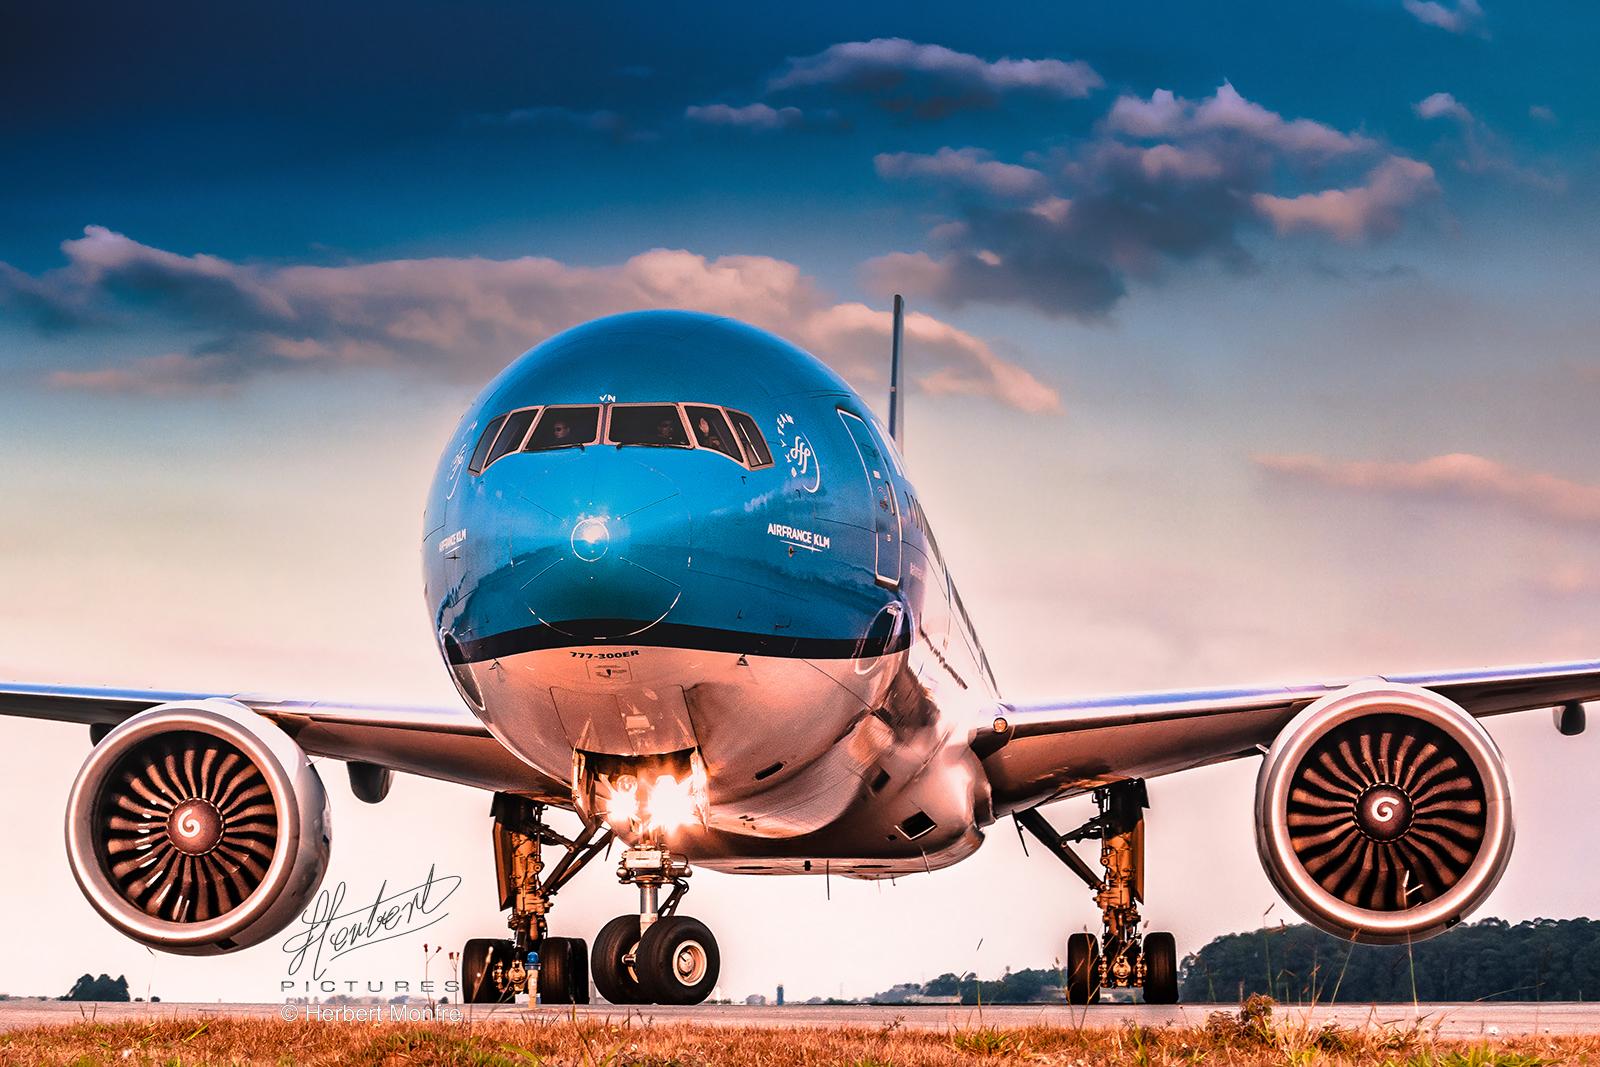 5 curiosidades da aviação que você sempre quis saber e nunca perguntou | Foto © Herbert Monfre - É MAIS QUE VOAR